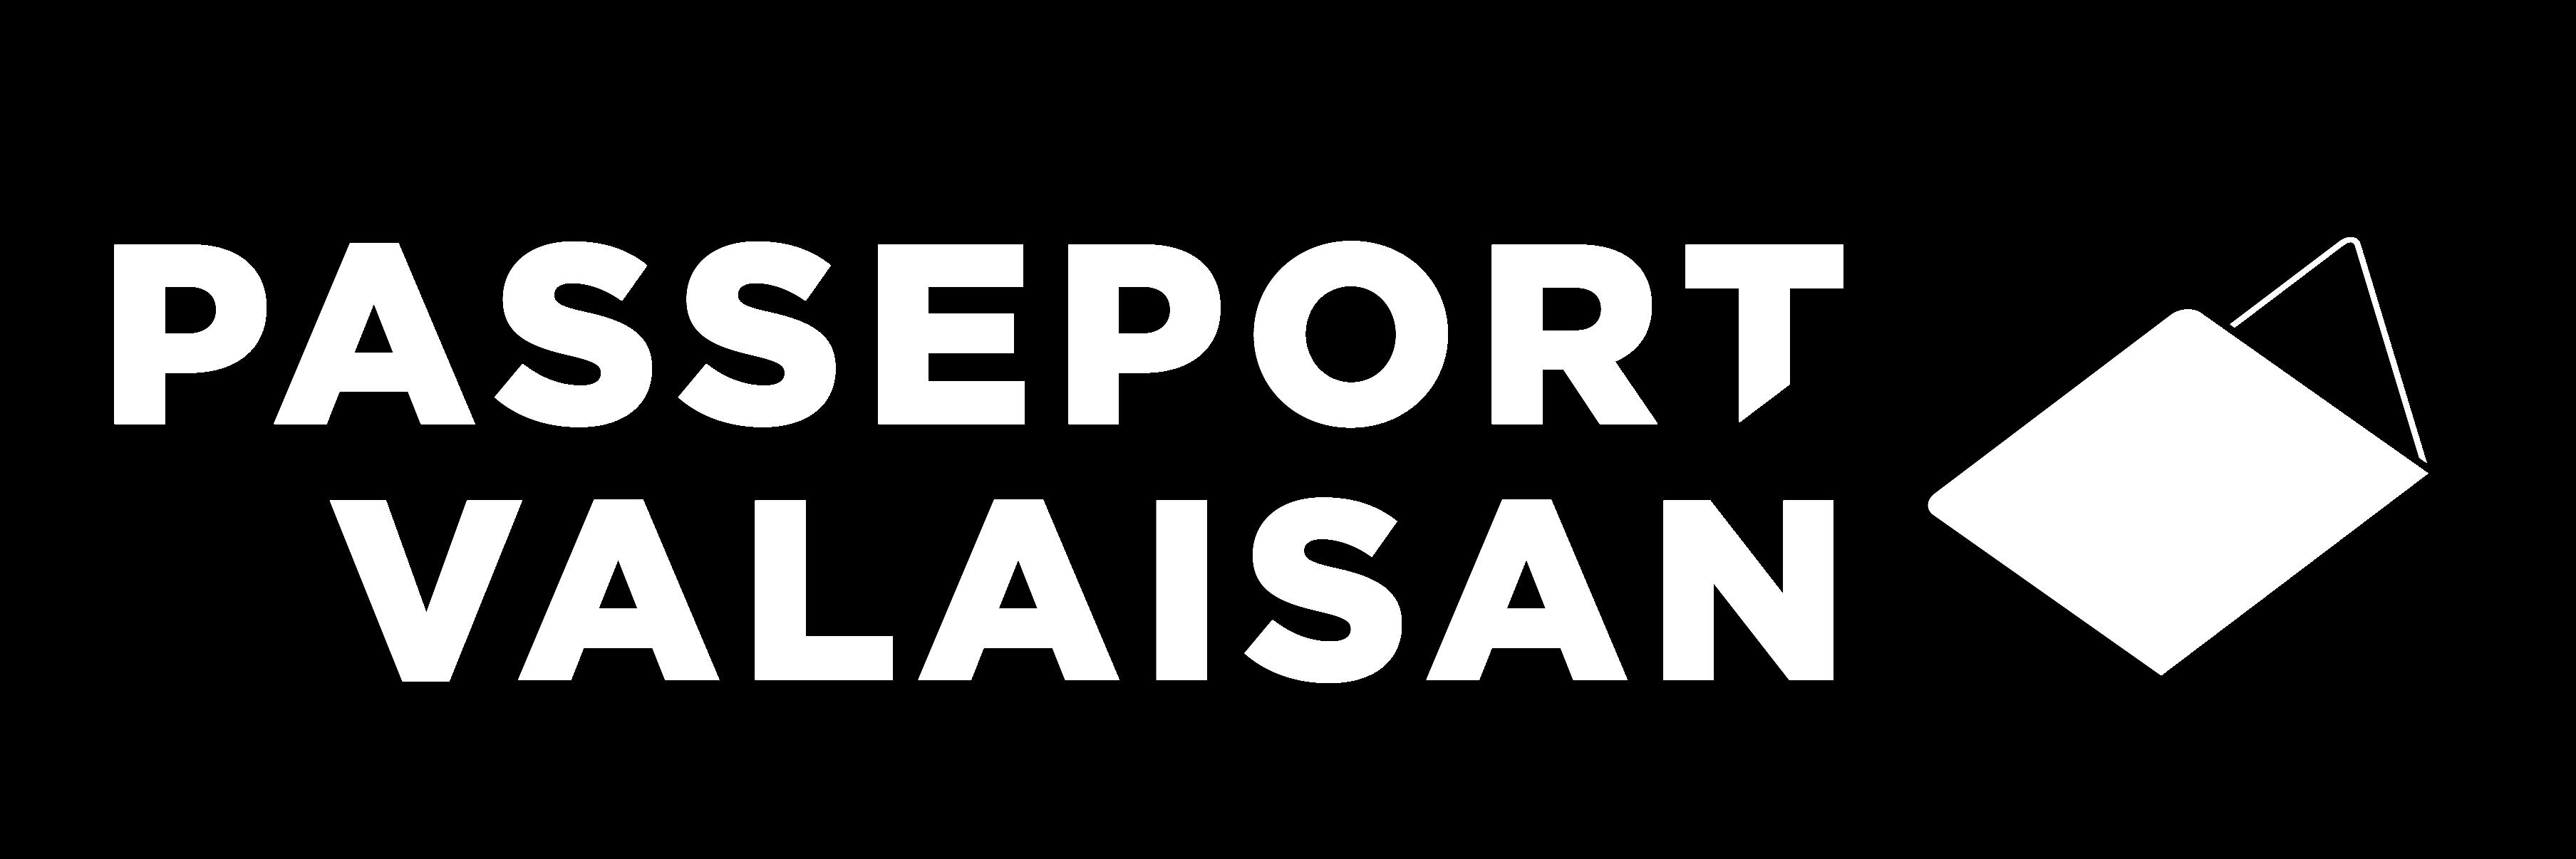 Passeport valaisan - Votre pass pour le Valais